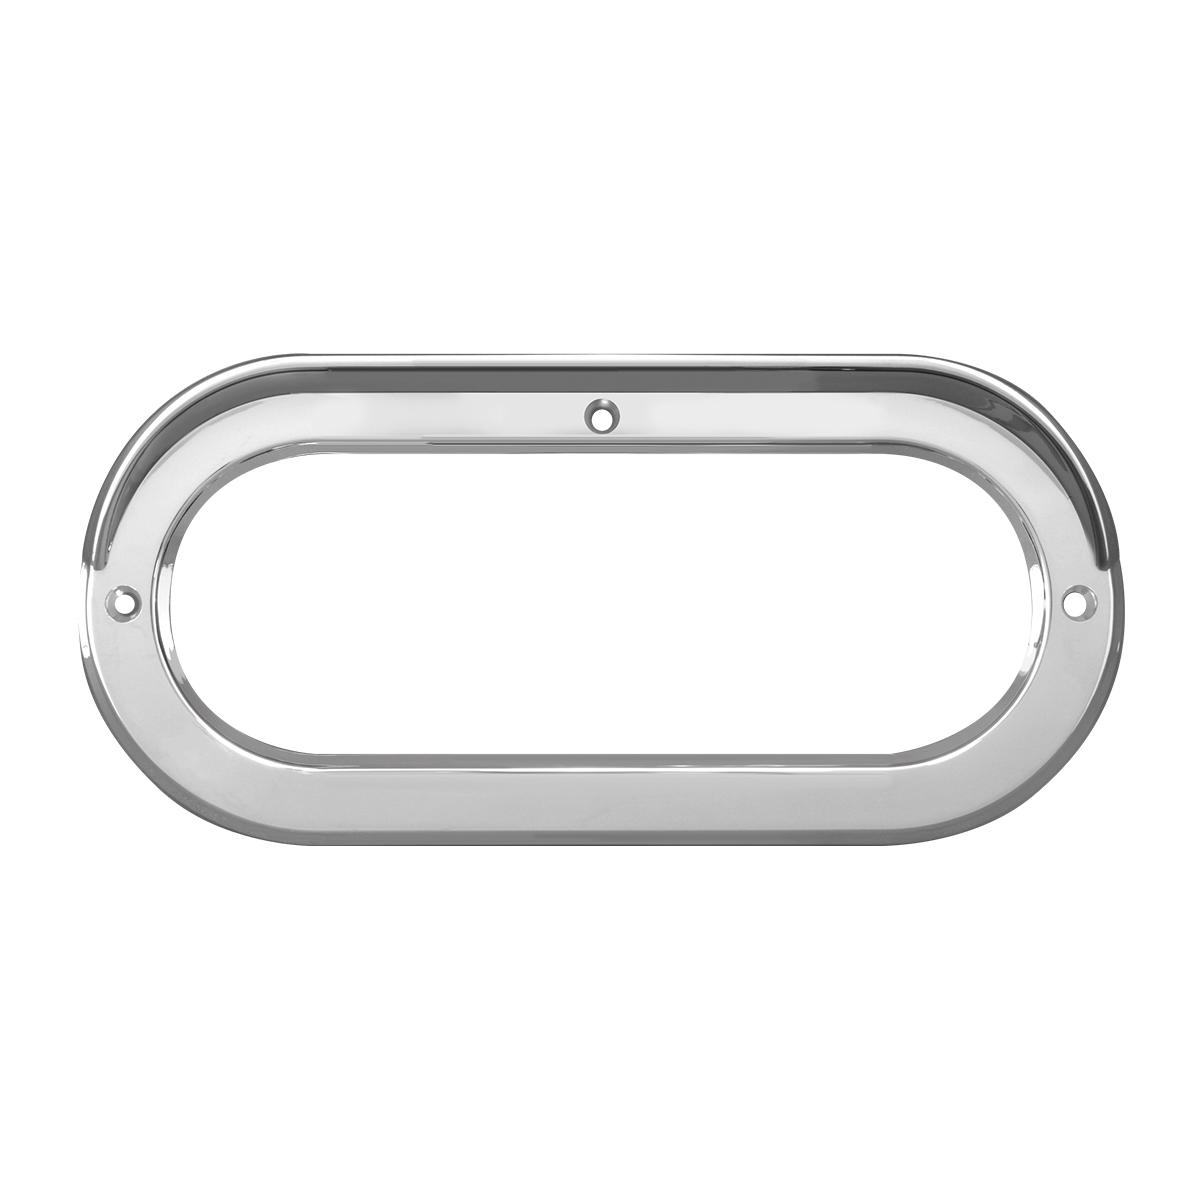 """80807 Chrome Plastic Grommet Cover w/ Visor in Horizontal Style for 6.5"""" Large Oval Light"""